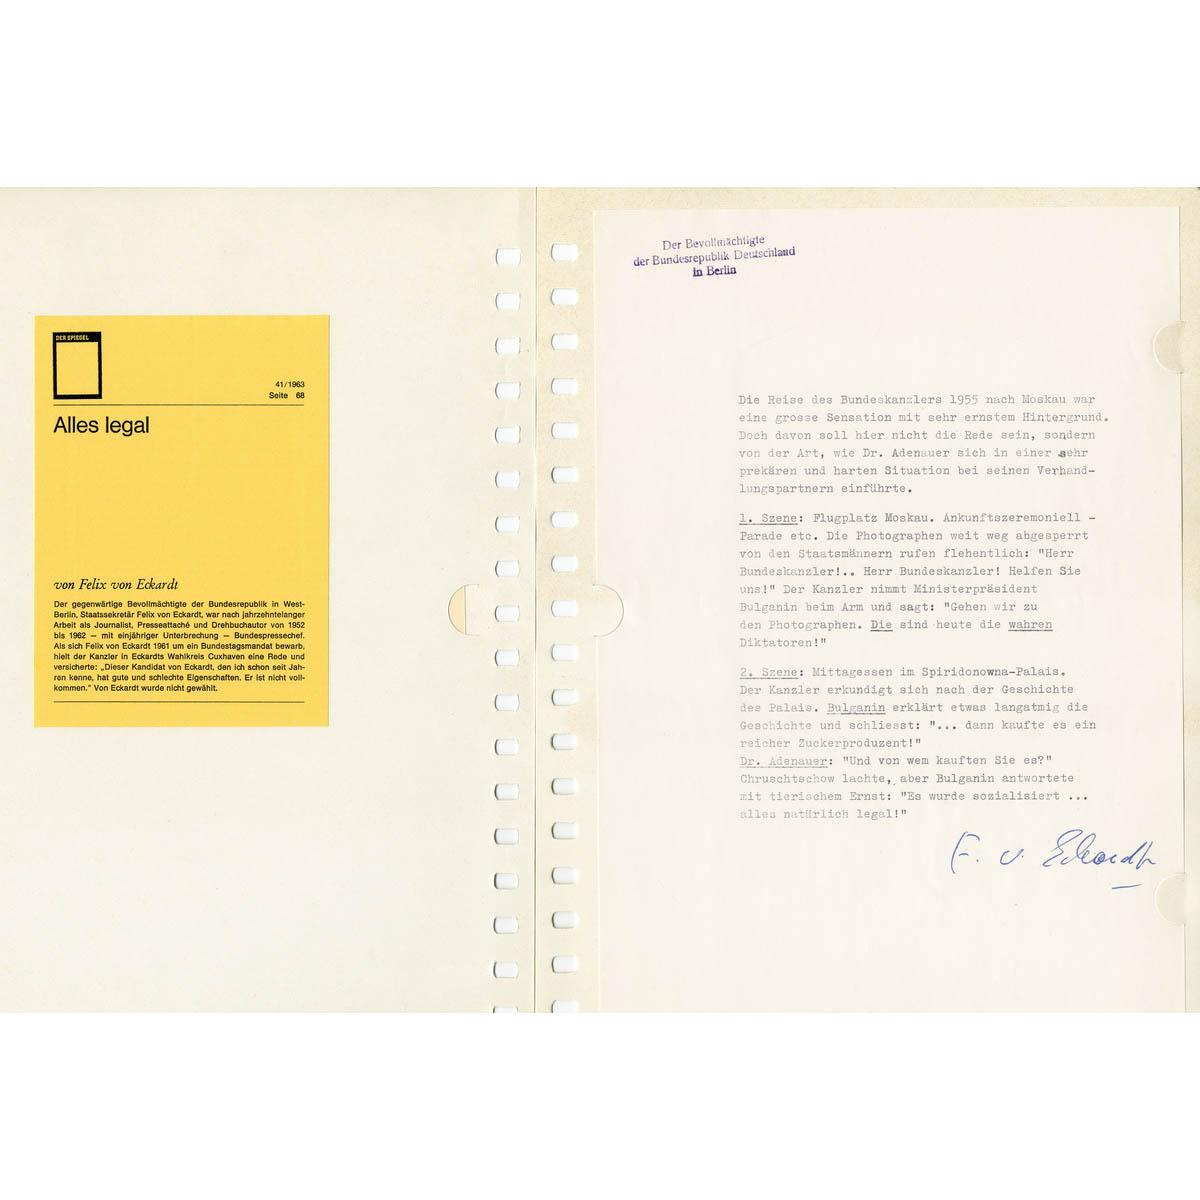 KONRAD ADENAUER - Briefesammlung